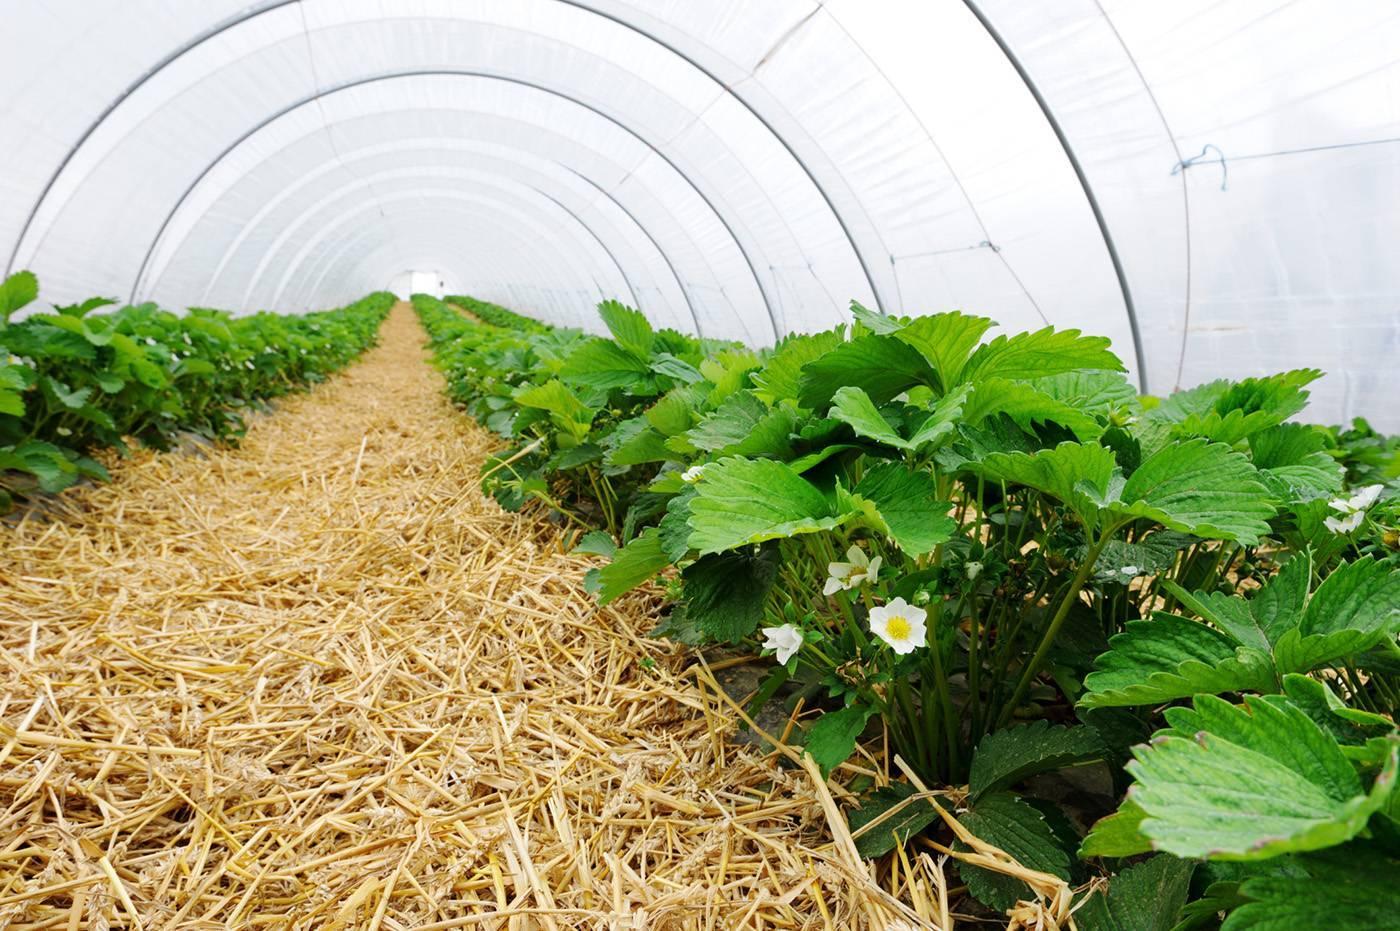 Выращивание крупноплодной садовой земляники (клубники) в теплице